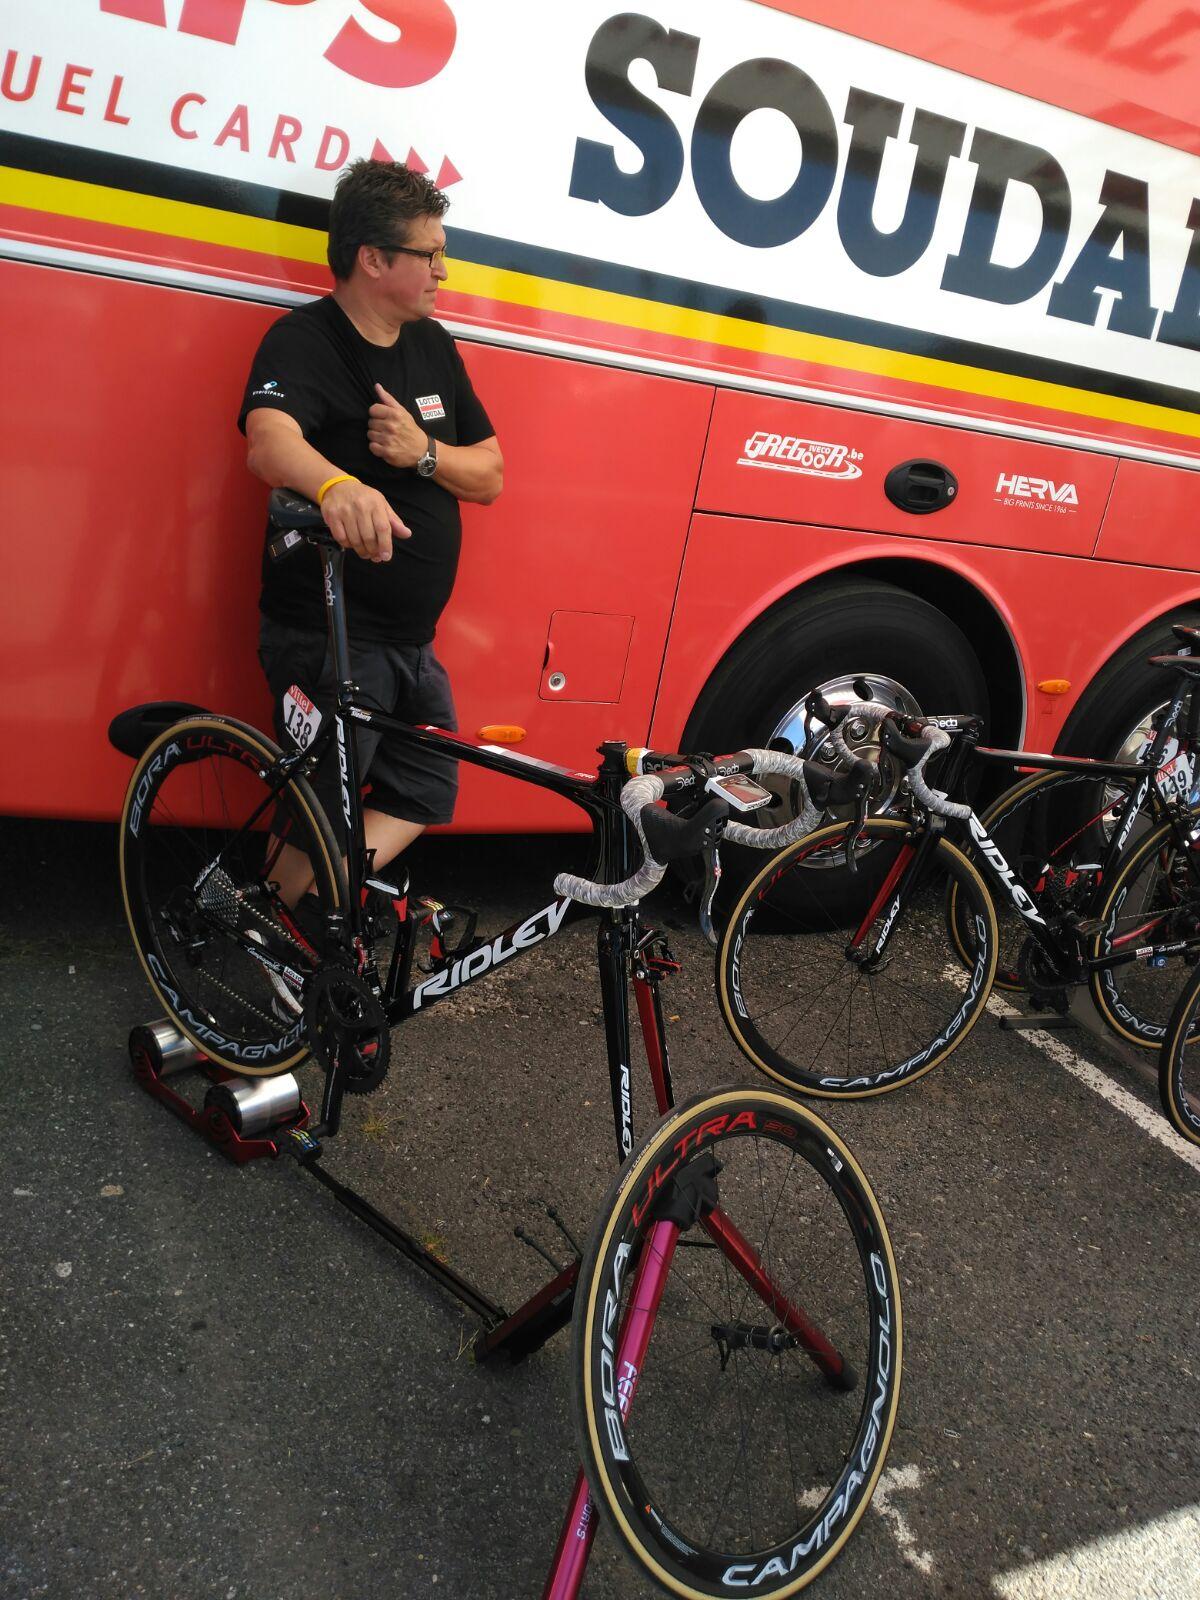 Tour_BM_Bicicletas Mañas tienda de venta y reparacion de bicicletas en Leganes_Ridley Madrid (12)